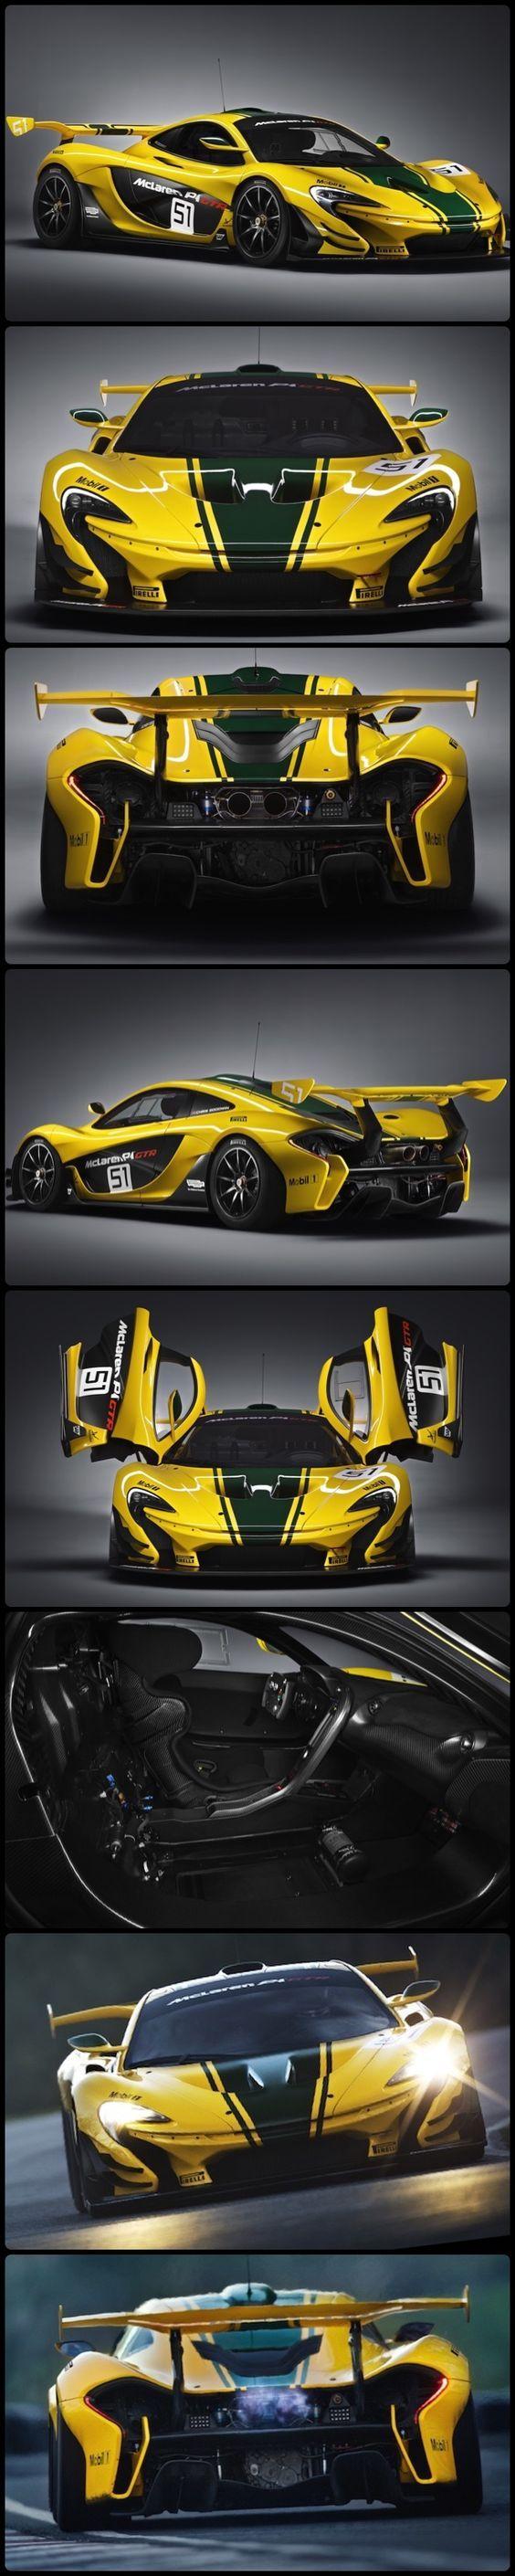 McLaren P1 GTR, a Limited Production.: